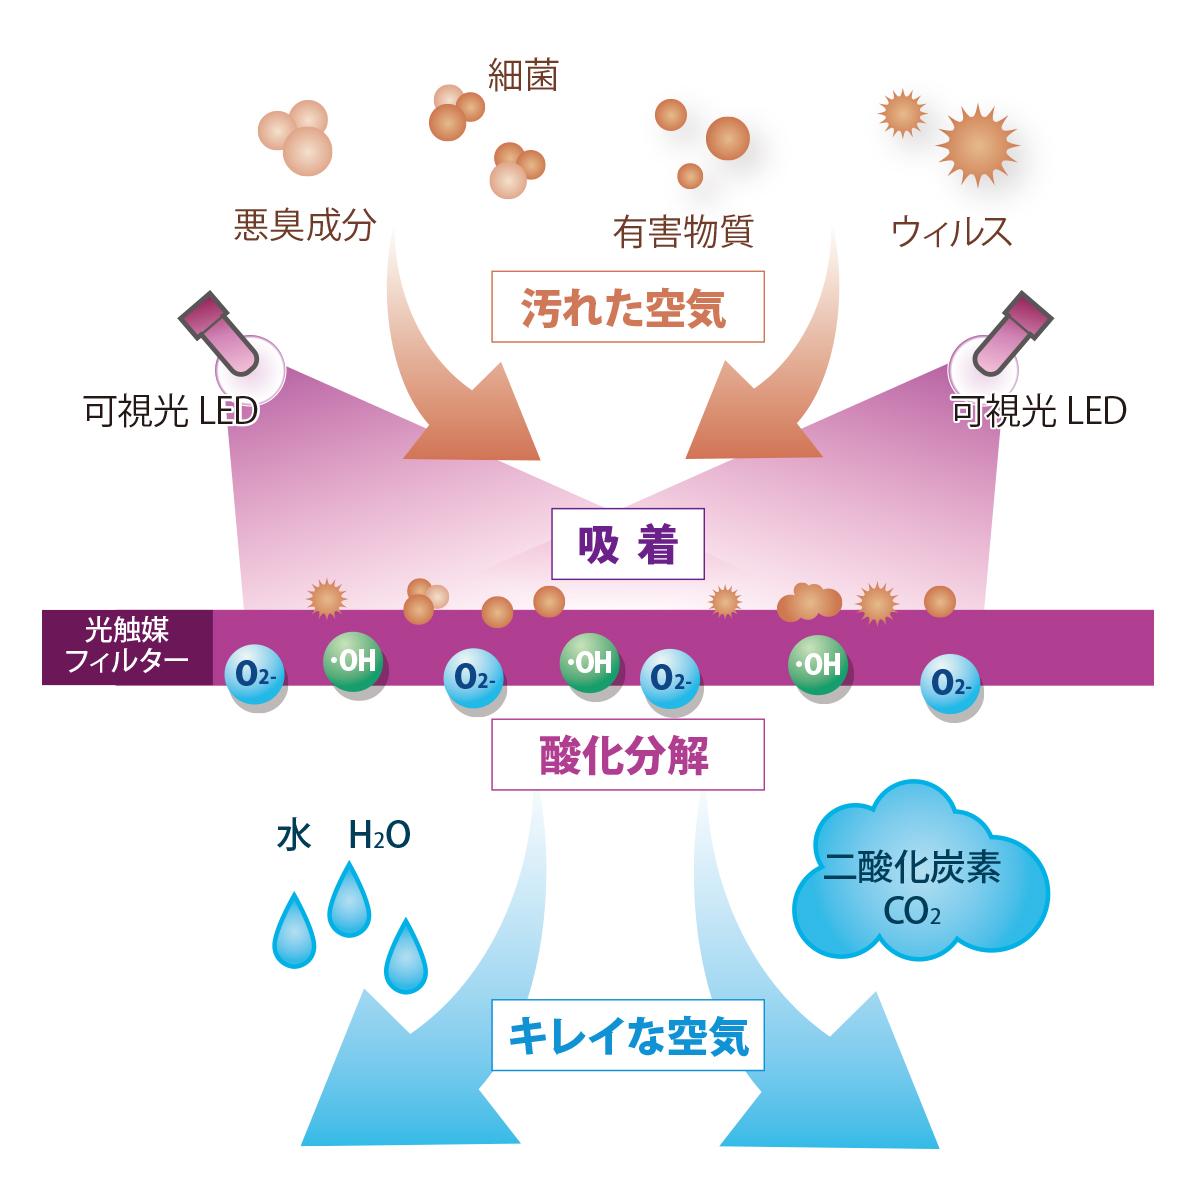 光触媒が吸着して分解